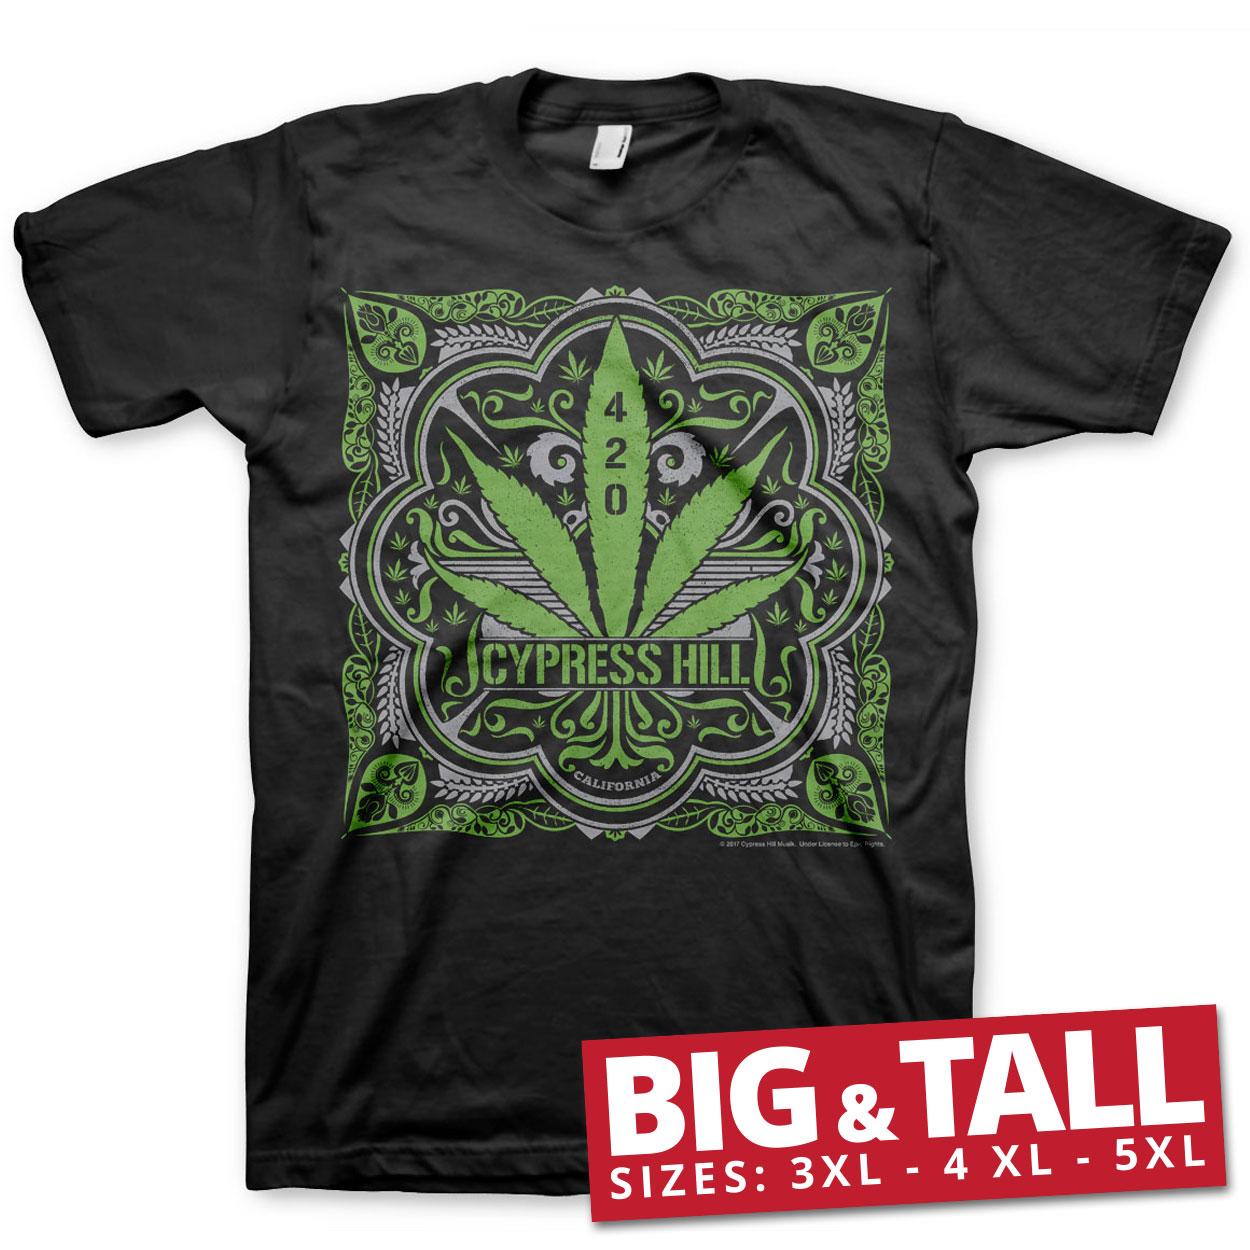 Cypress Hill - 420 Big & Tall T-Shirt